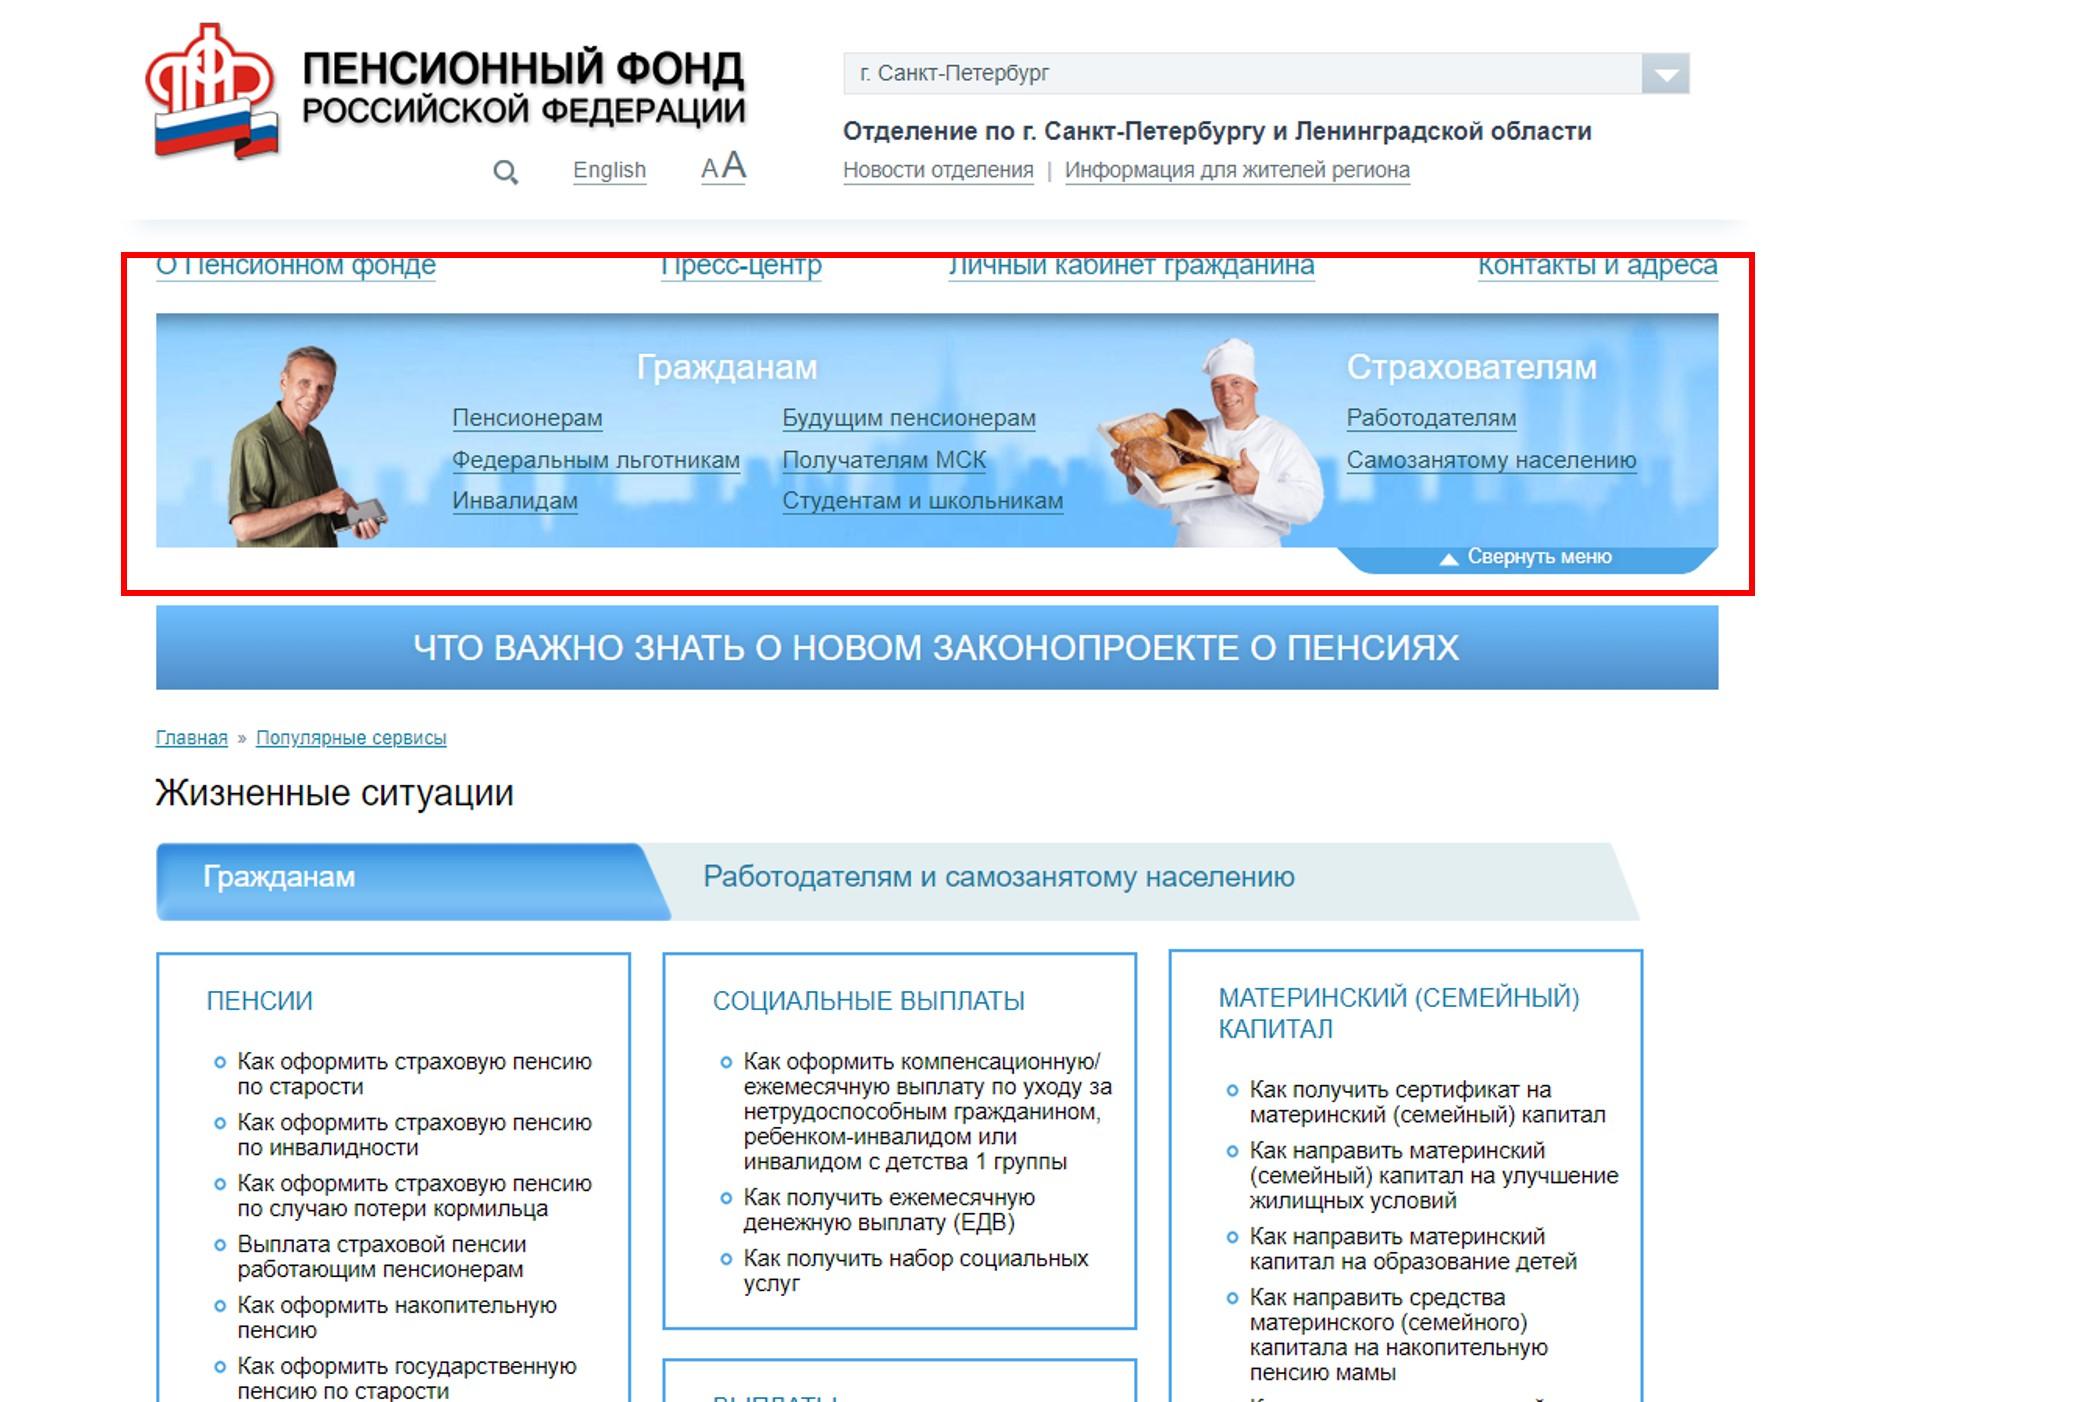 какие льготы полагаются 4 https://grosh-blog.ru